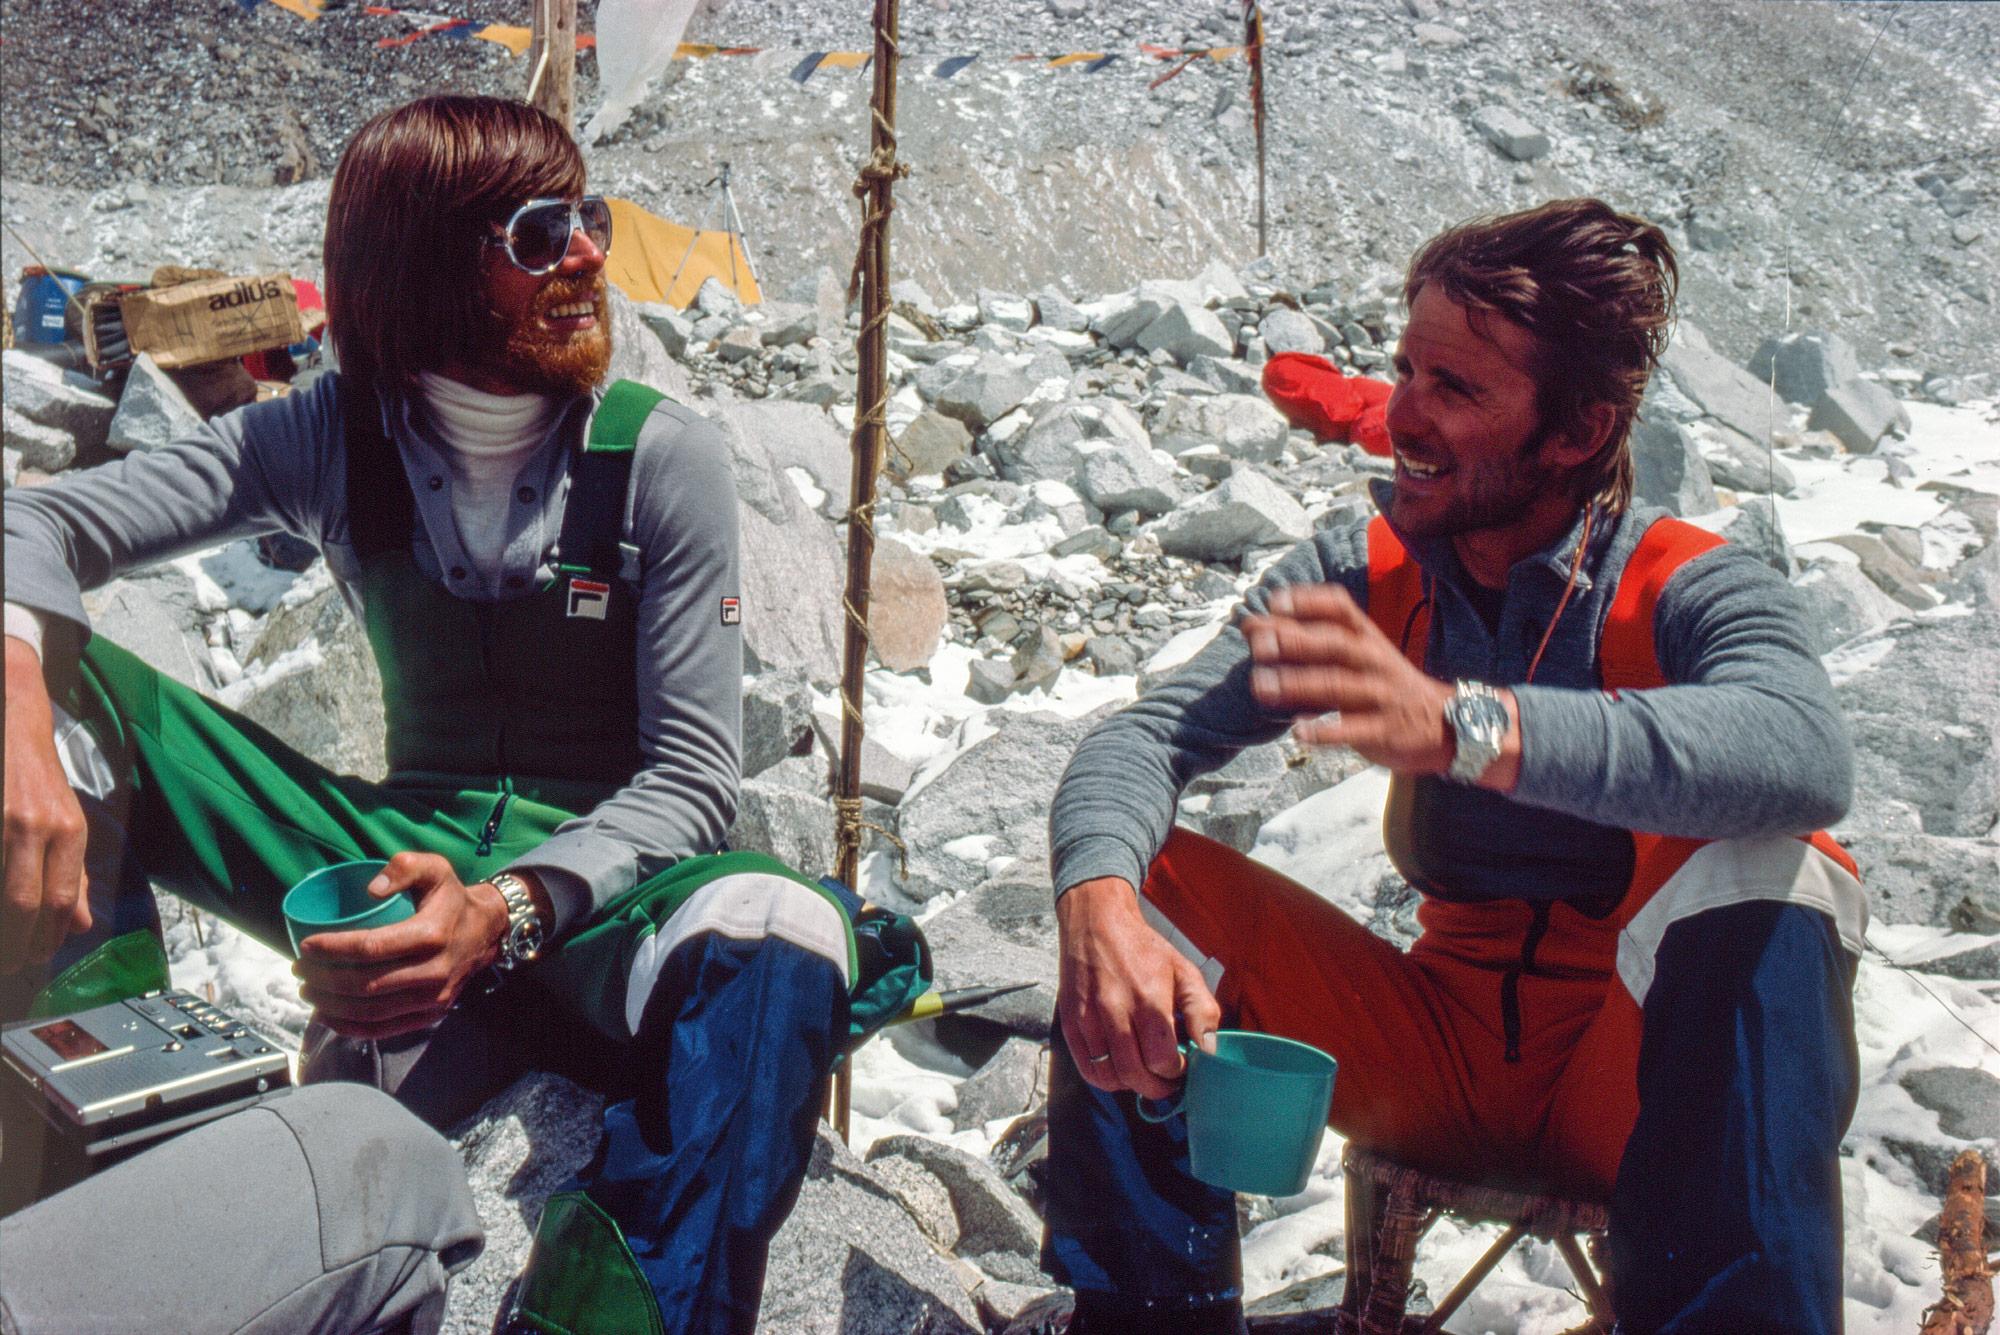 Messner 1978 im Basecamp des Mount Everest mit Peter Habeler. Foto: Archiv Messner I bergundsteigen.blog